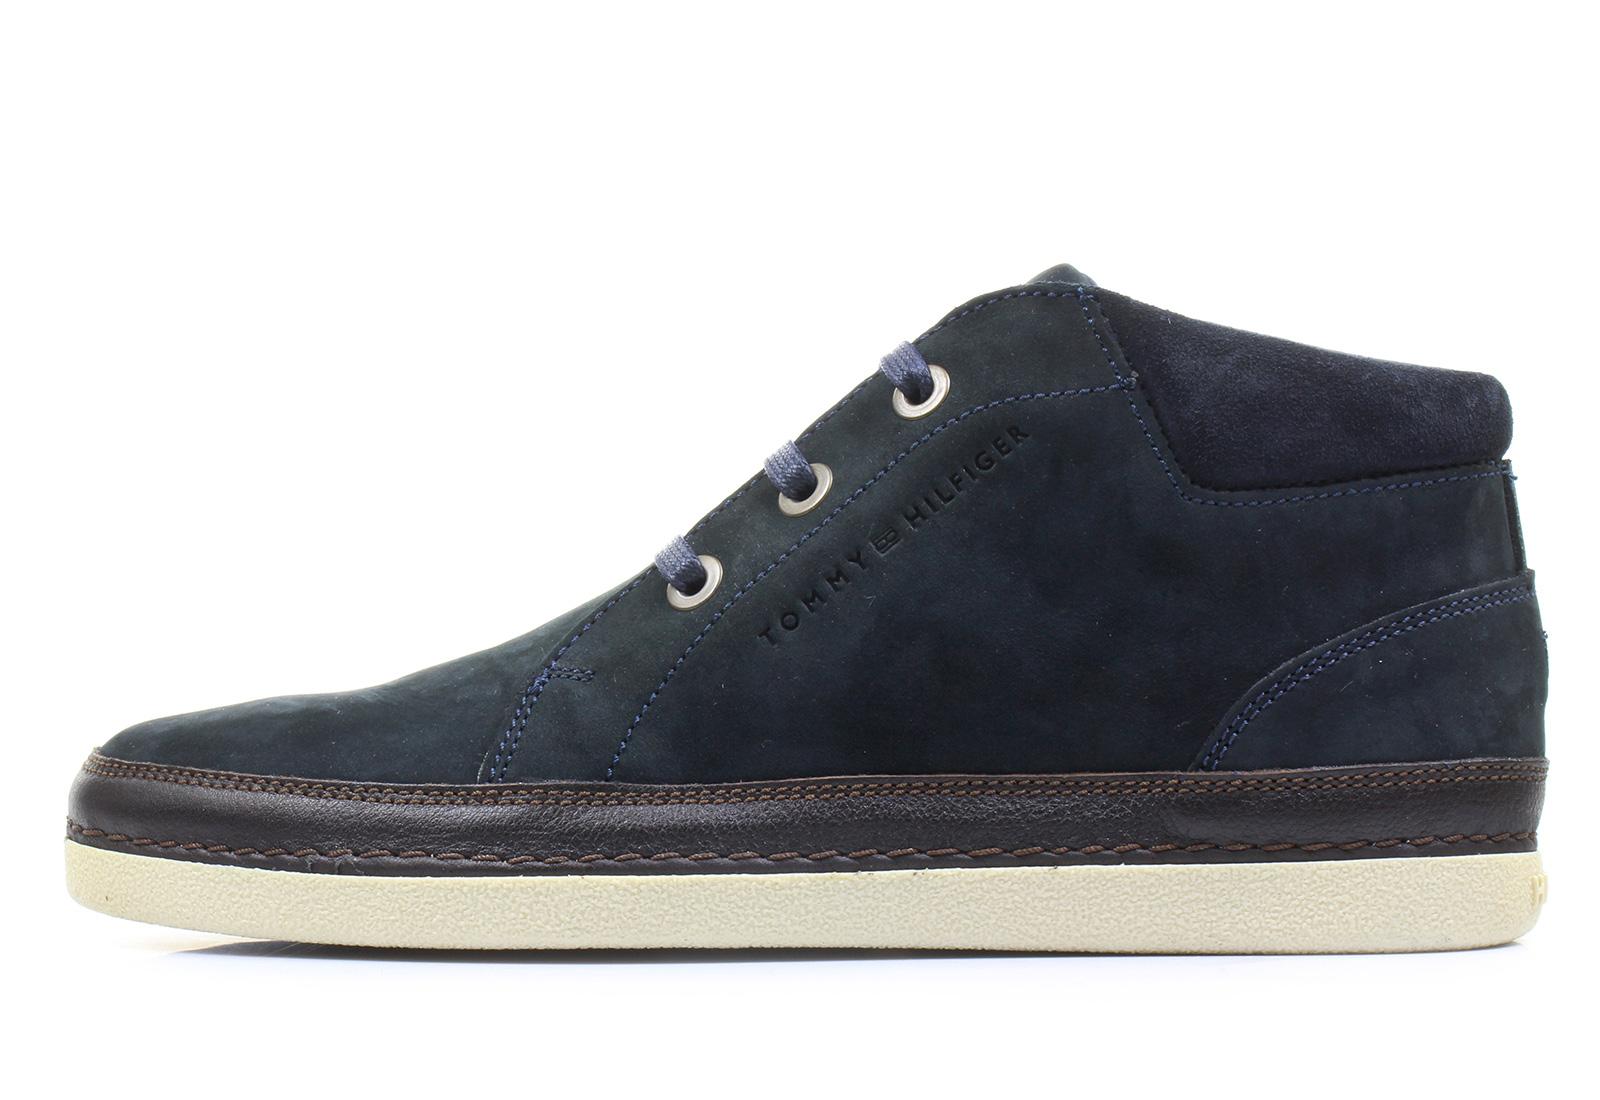 tommy hilfiger shoes felix 5n 14f 7898 403 online shop for. Black Bedroom Furniture Sets. Home Design Ideas